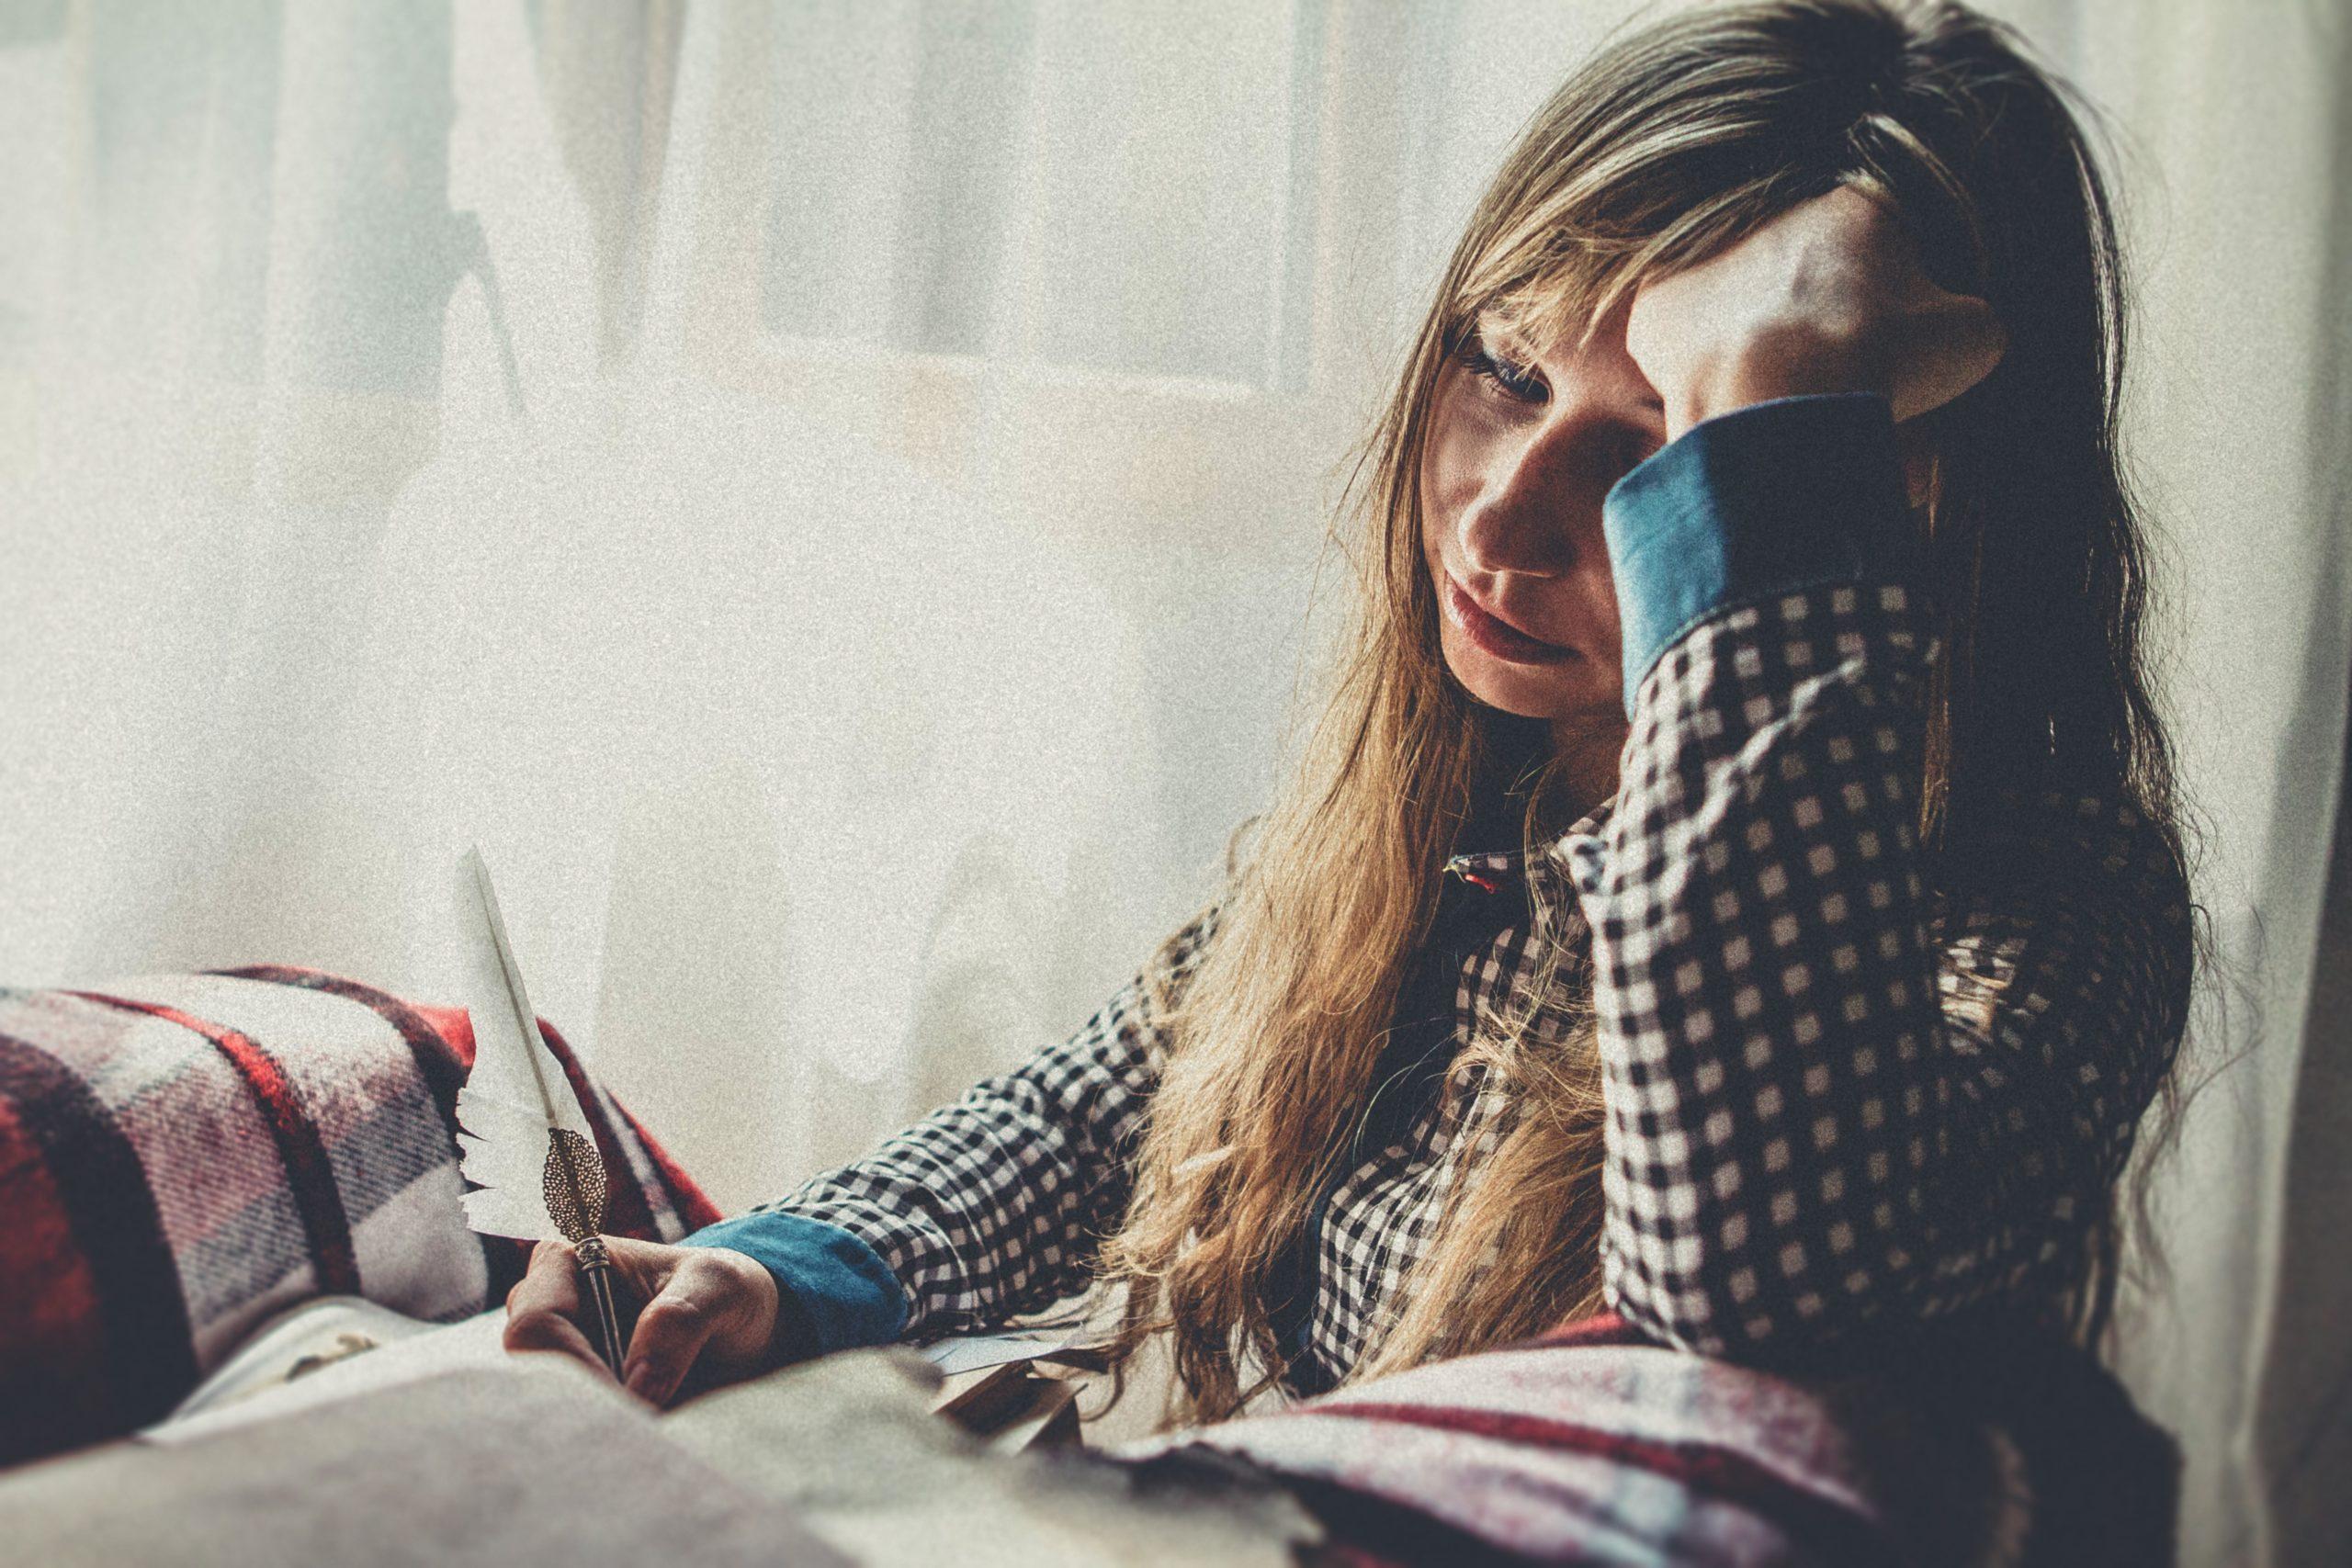 Uma mulher triste e agoniada pois está com ansiedade.